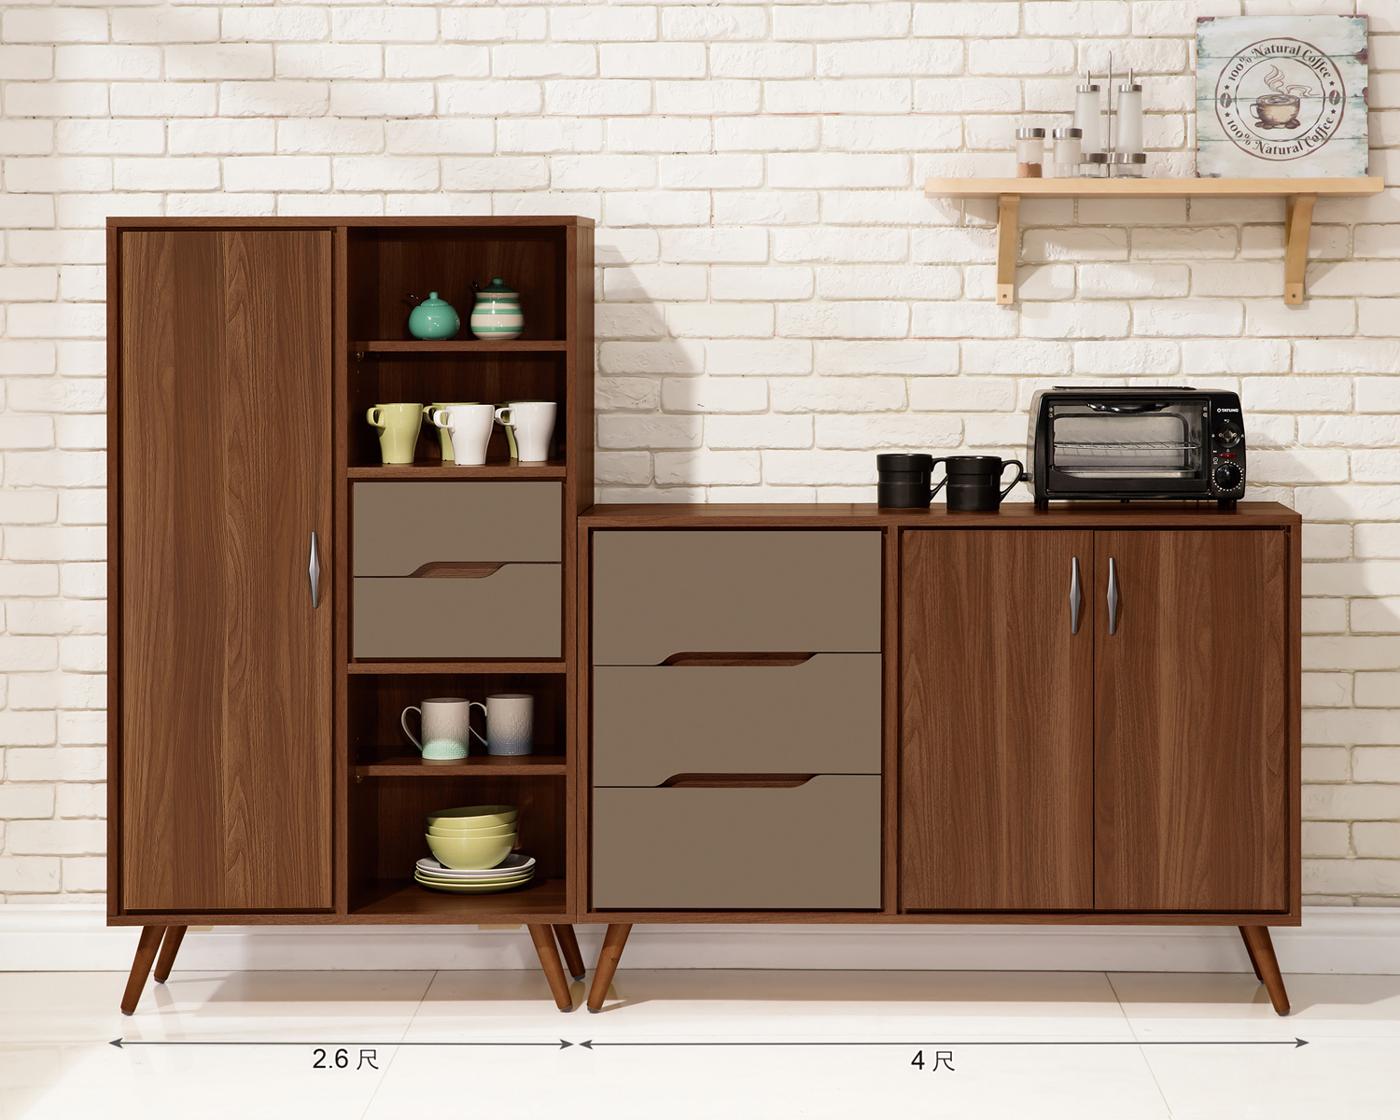 【森可家居】米蘭6.6尺餐櫃 (全組) 6ZX903-5 收納廚房櫃 碗盤碟櫃 木紋質感 工業風 北歐風